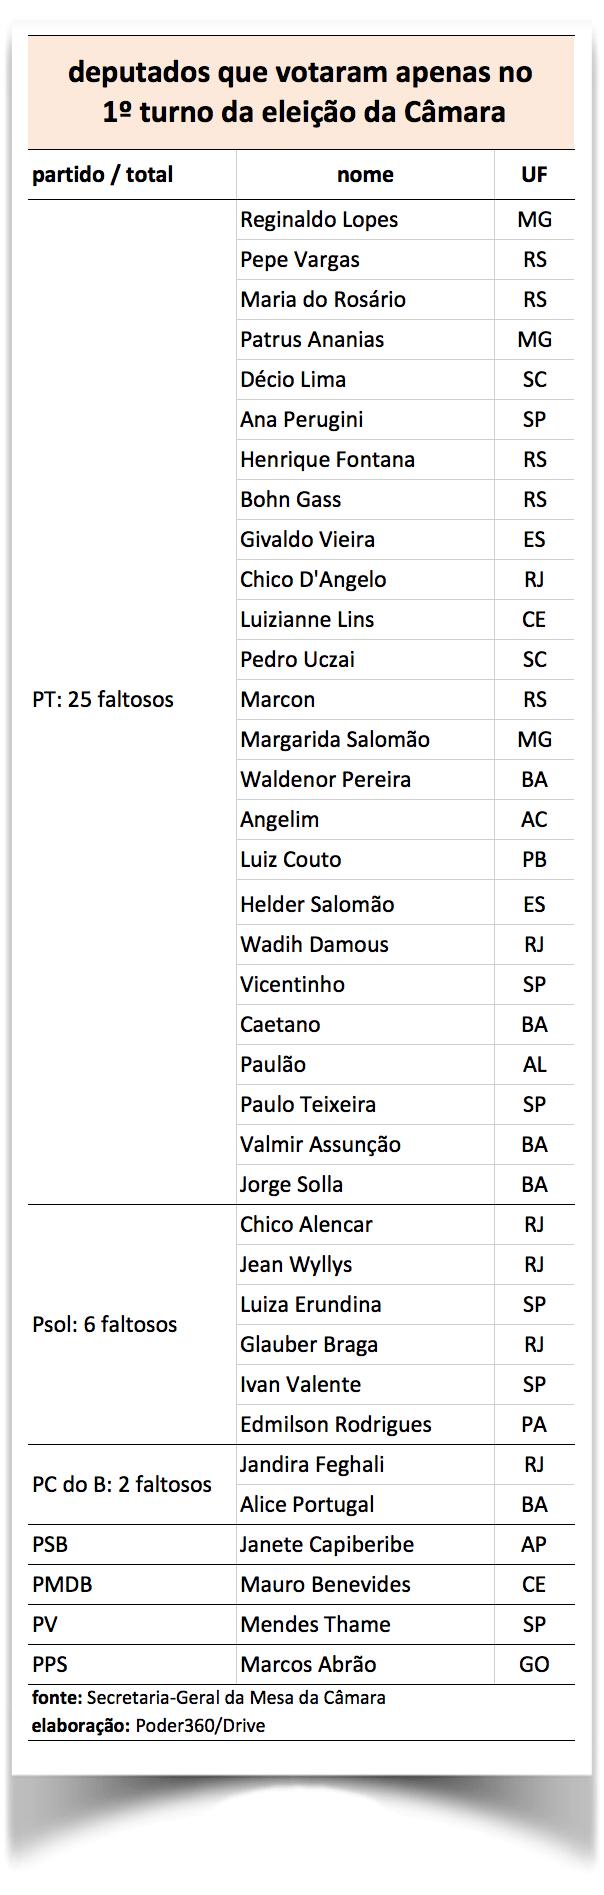 tabela-partidos-2turno